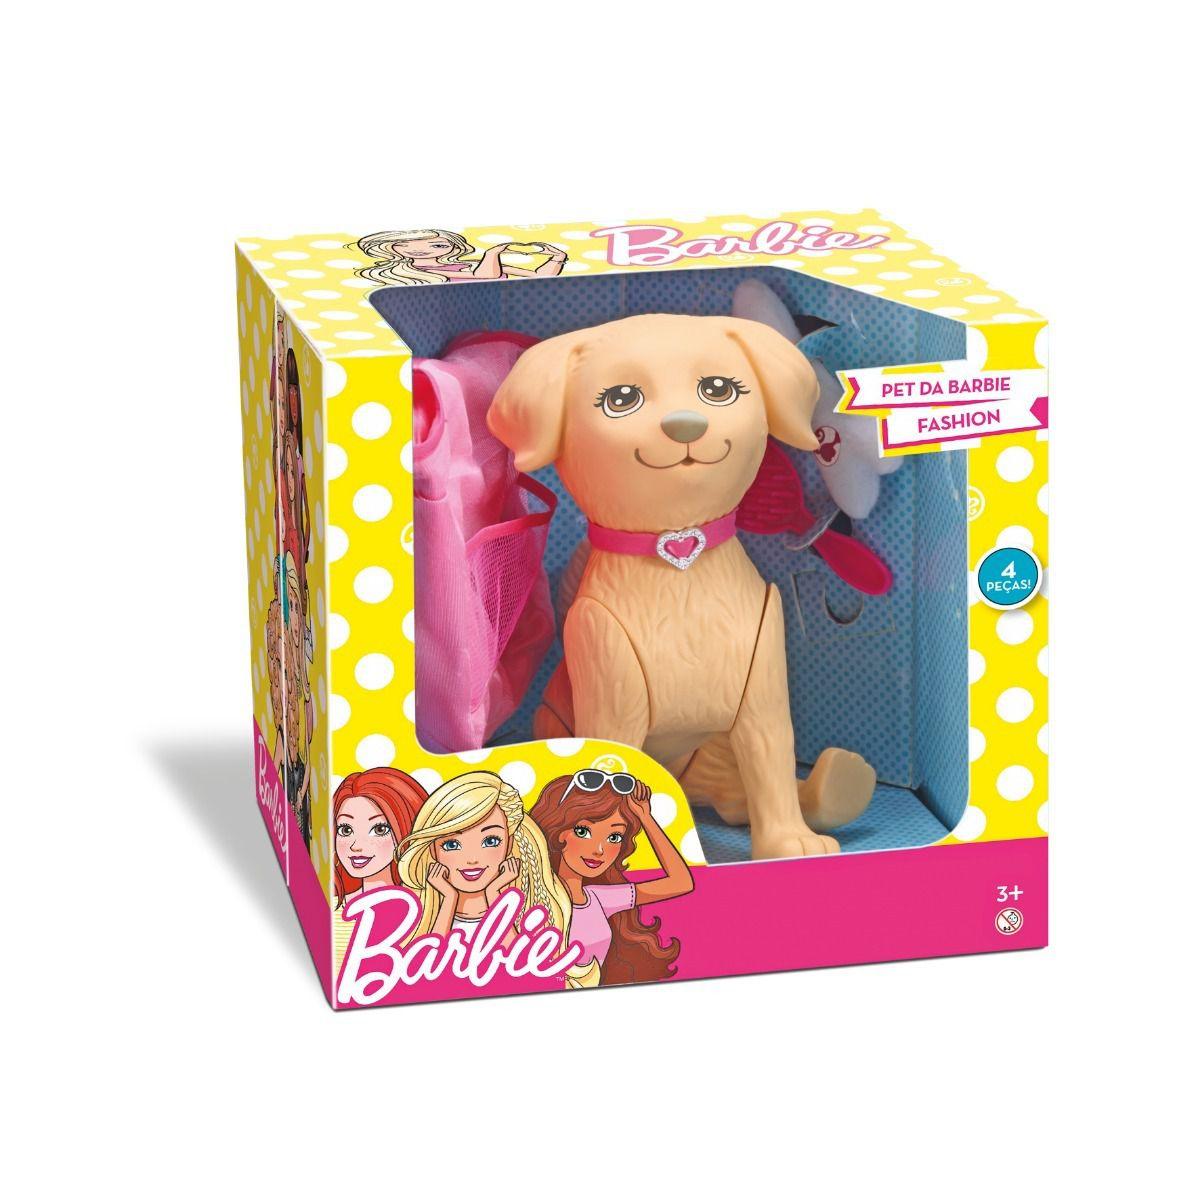 Cachorro Pet Fashion da Barbie